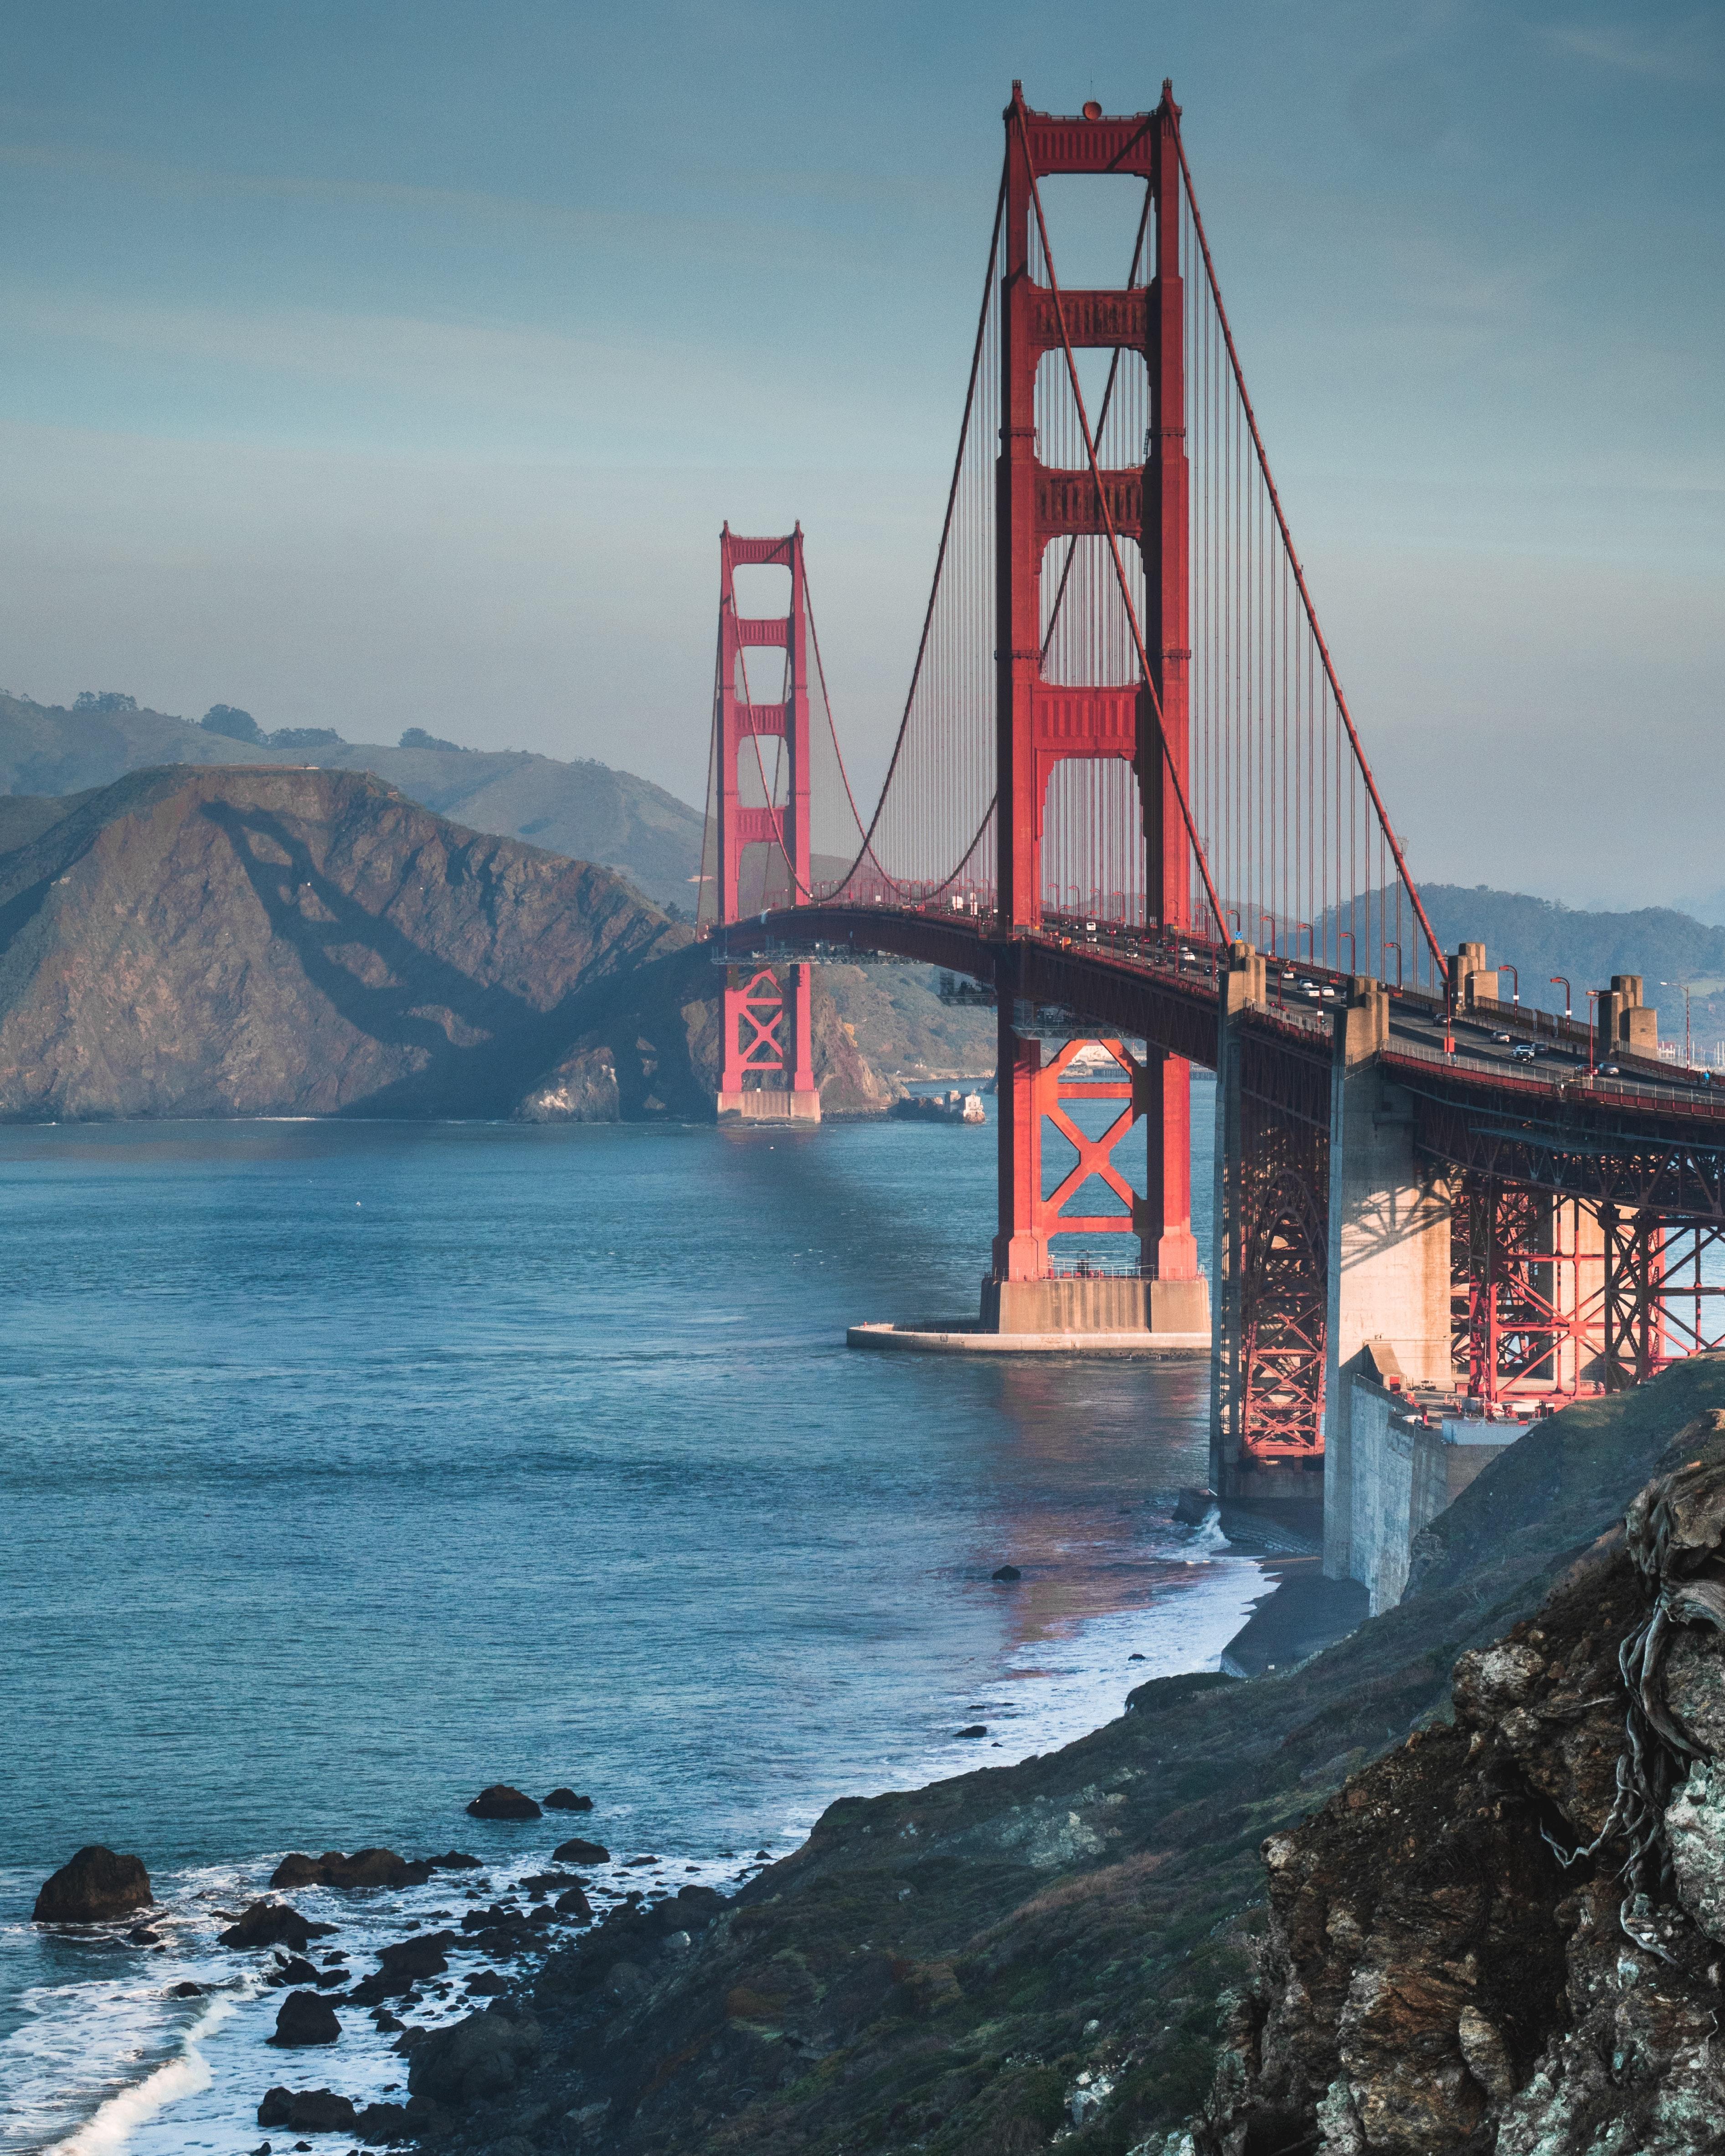 57367 Hintergrundbild herunterladen Architektur, Natur, Wasser, Sea, Felsen, Die Steine, Brücke - Bildschirmschoner und Bilder kostenlos